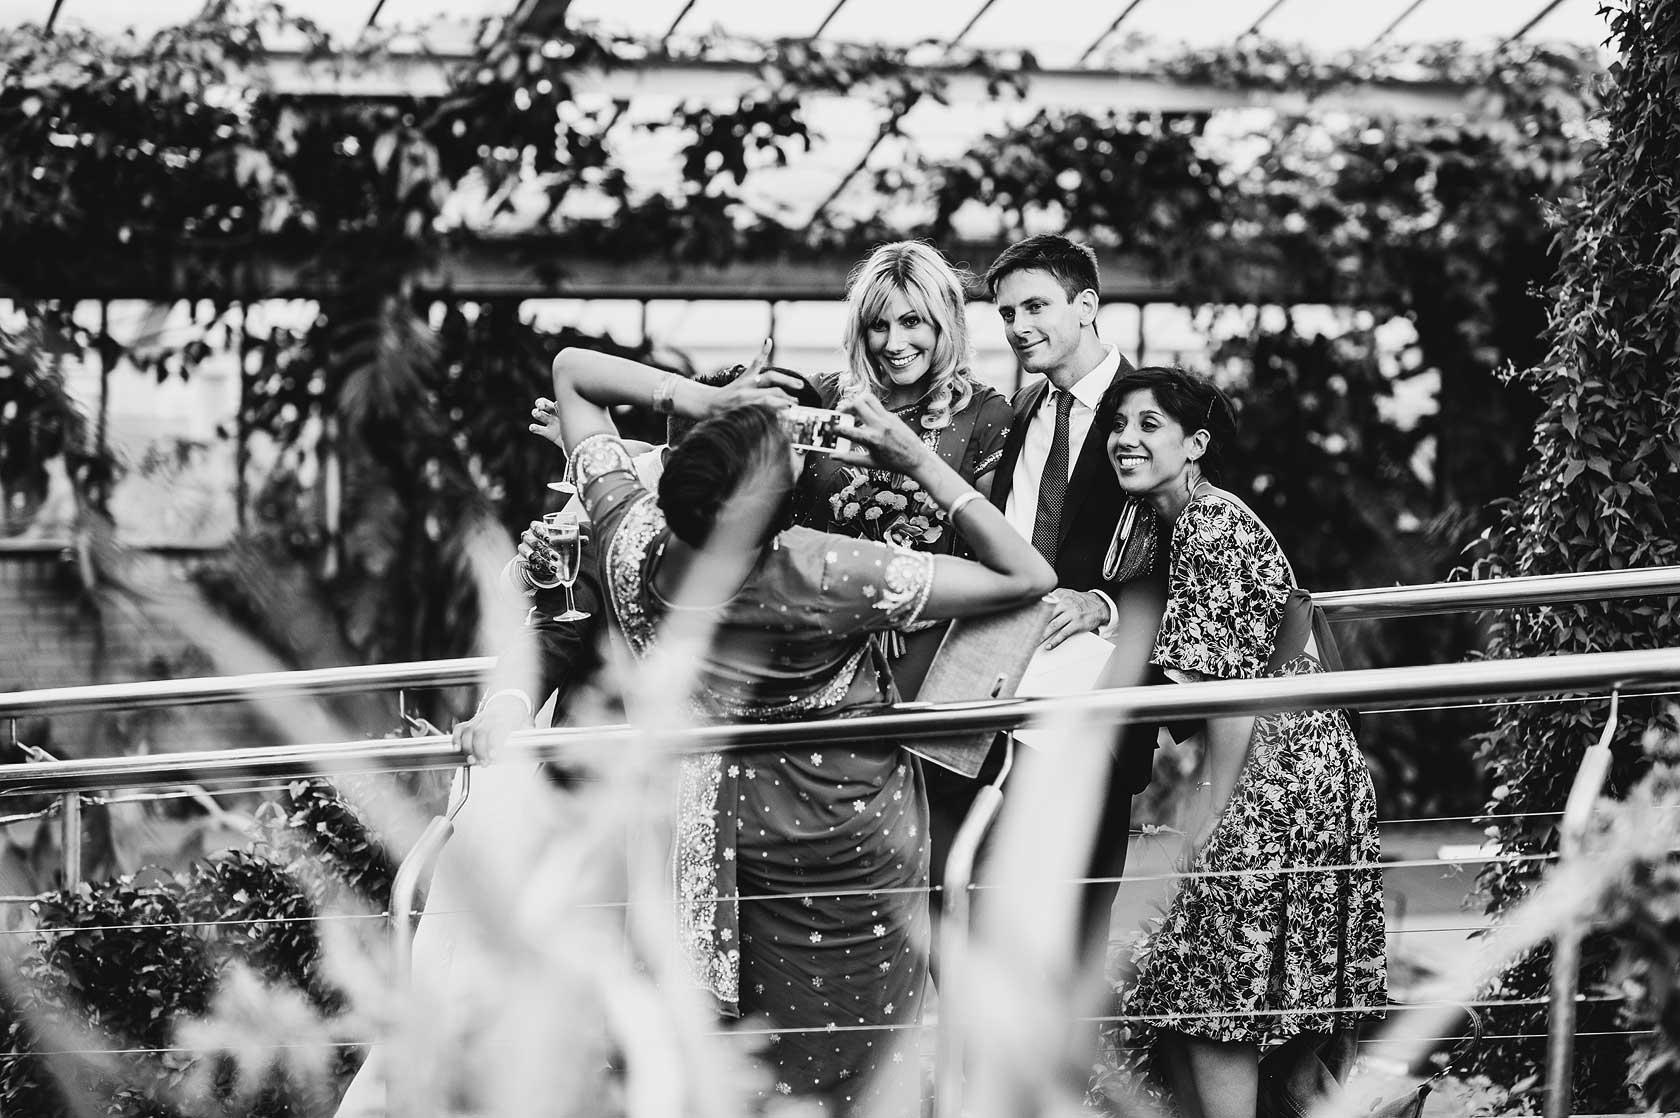 Wedding Photojournalism at Kew Gardens